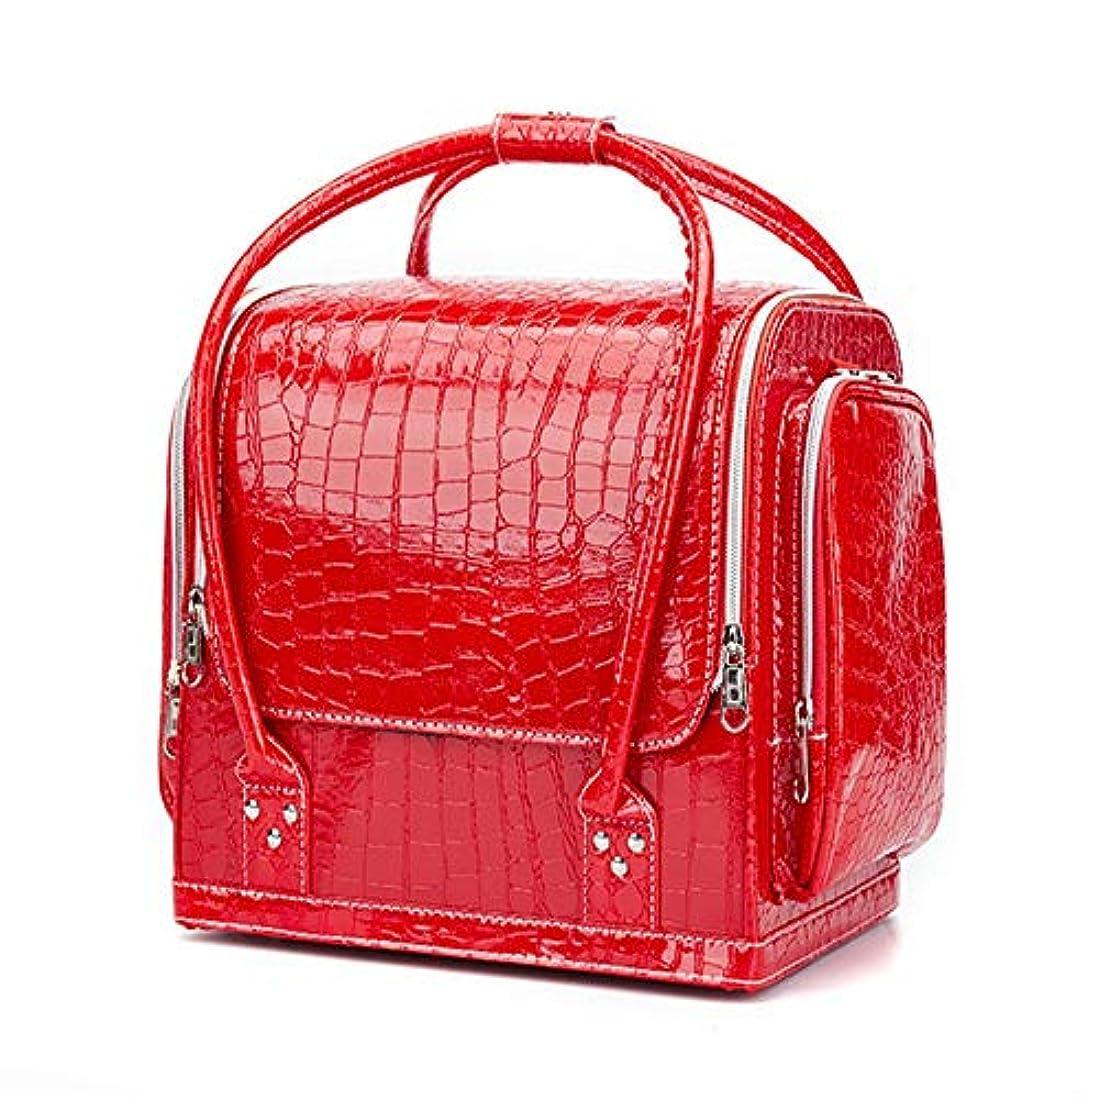 安全な毛布偉業化粧オーガナイザーバッグ ポータブルプロフェッショナルpuレザー旅行メイクアップバッグパターンメイクアップアーティストケーストレインボックス化粧品オーガナイザー収納用十代の女の子女性アーティスト 化粧品ケース (色 : 赤)